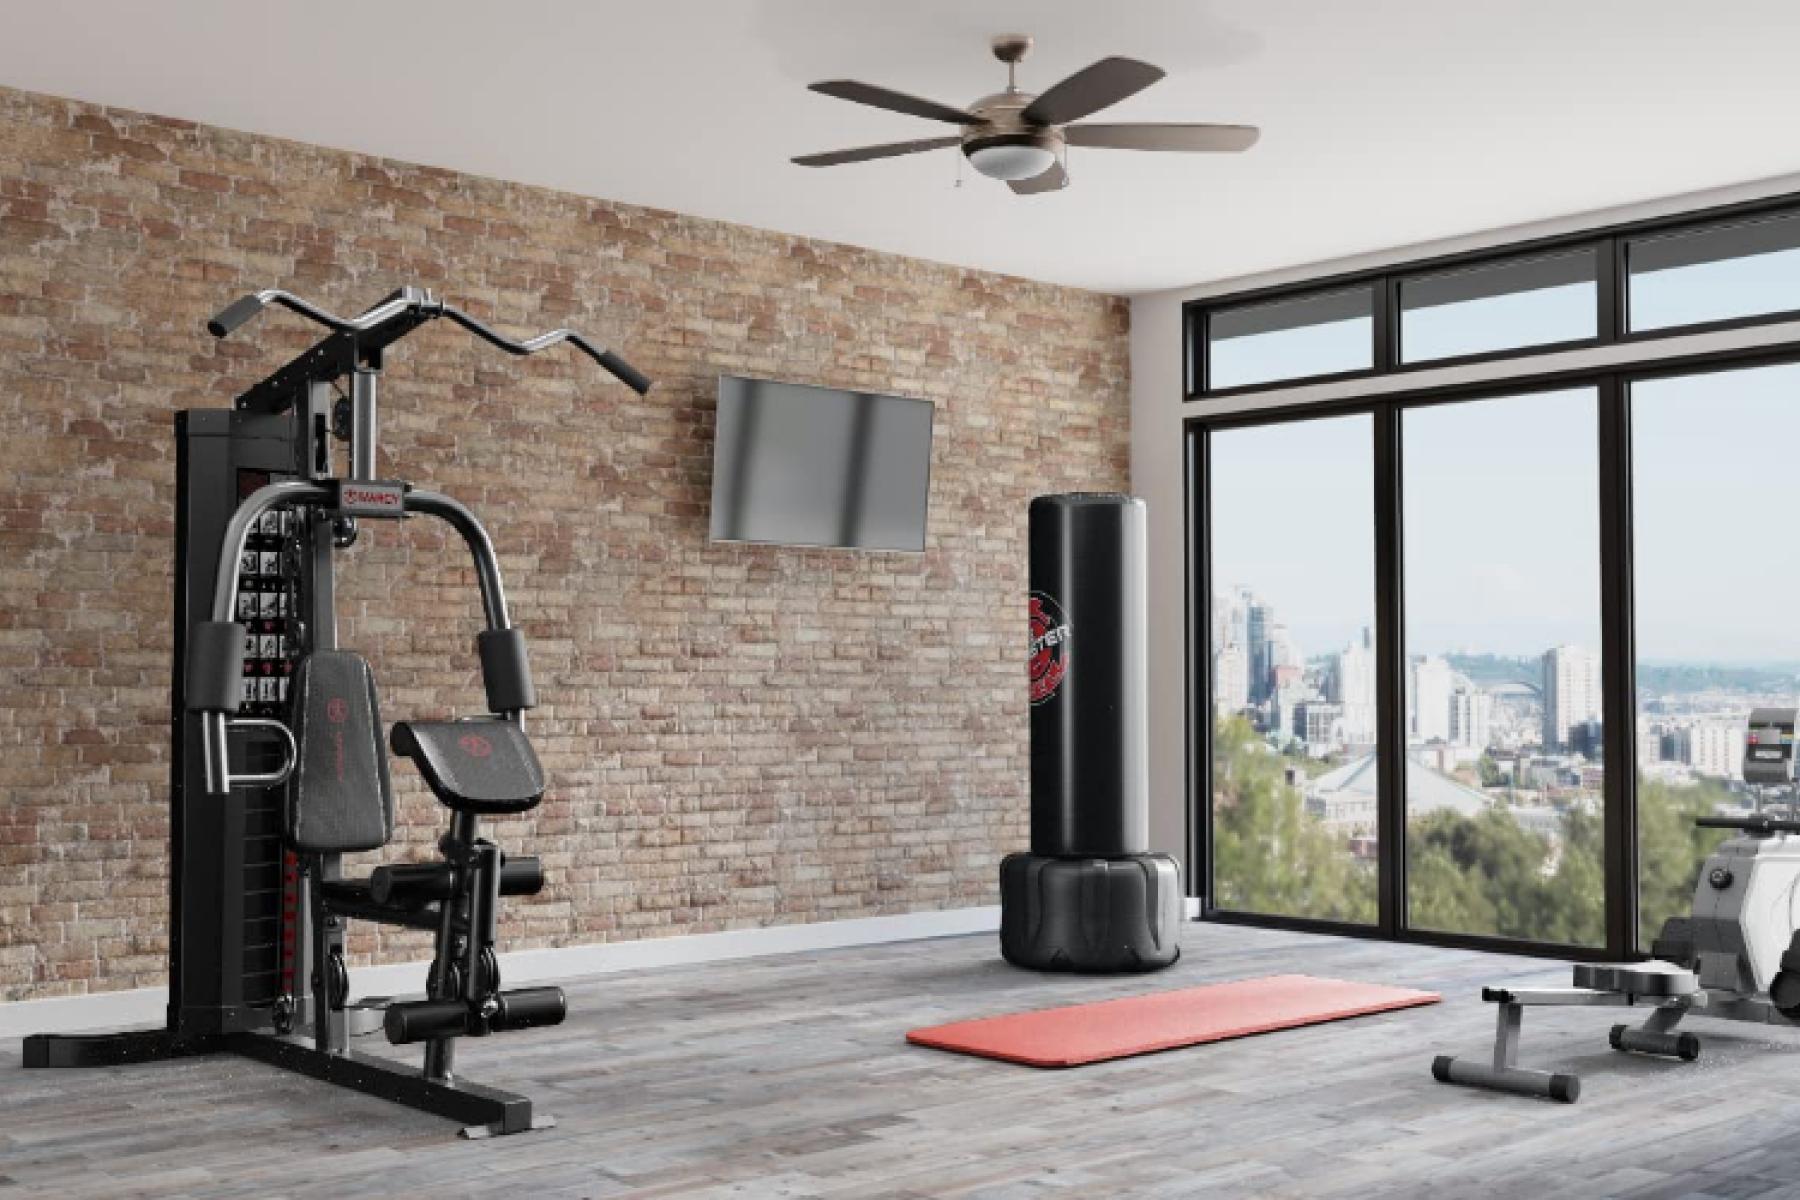 Fitnessraum Zuhause einrichten nützliche Tipps